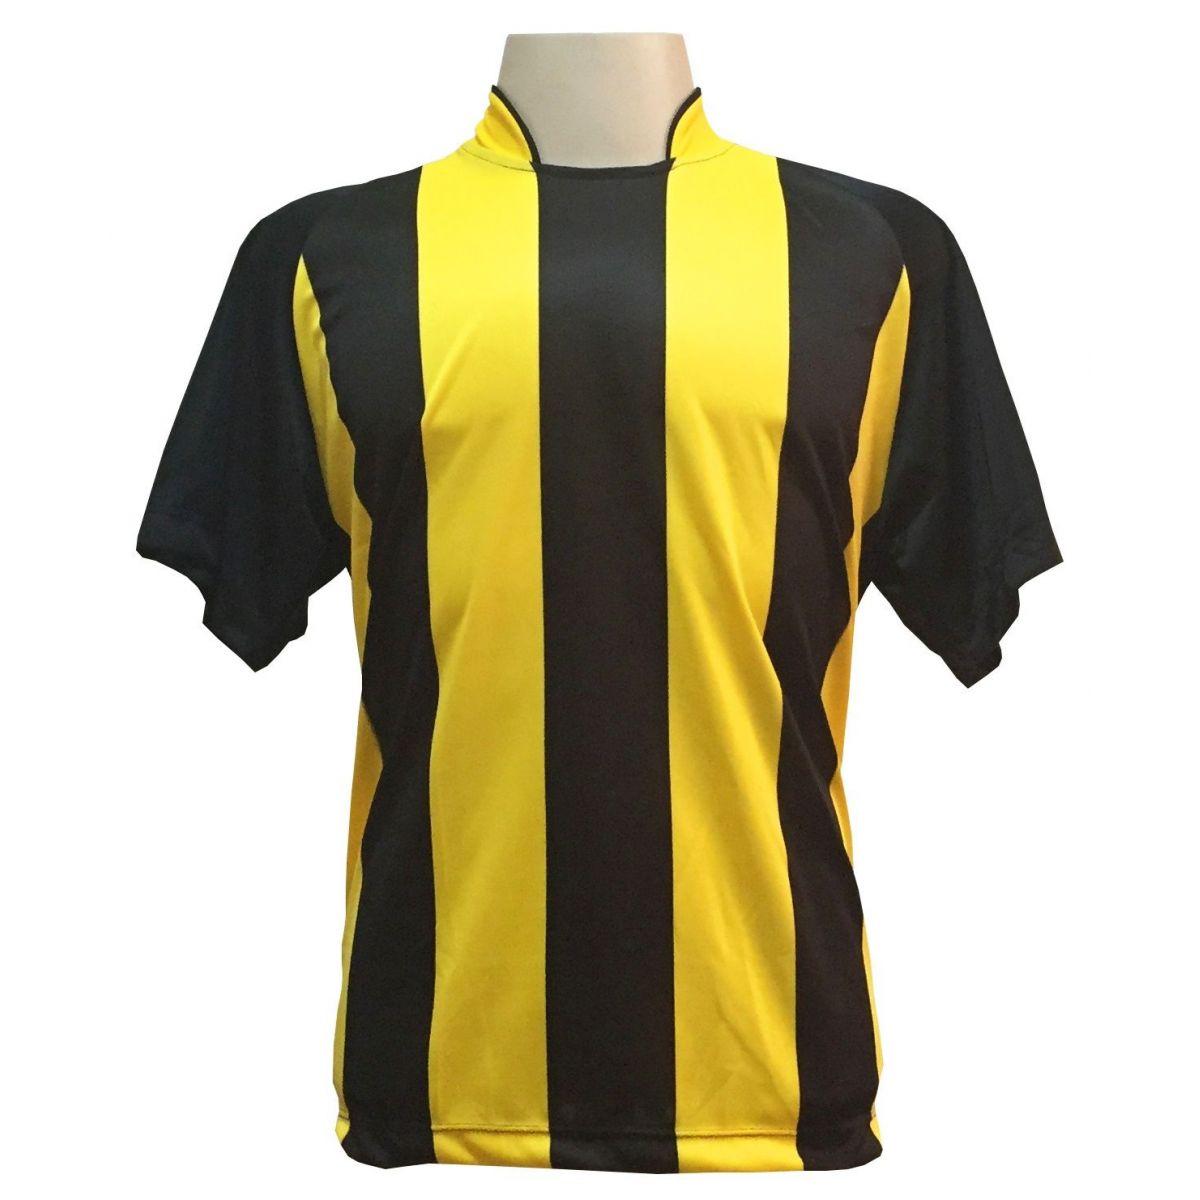 Fardamento Completo modelo Milan 18+1 (18 Camisas Preto/Amarelo + 18 Calções Copa Preto/Amarelo + 18 Pares de Meiões Preto + 1 Conjunto de Goleiro) + Brindes